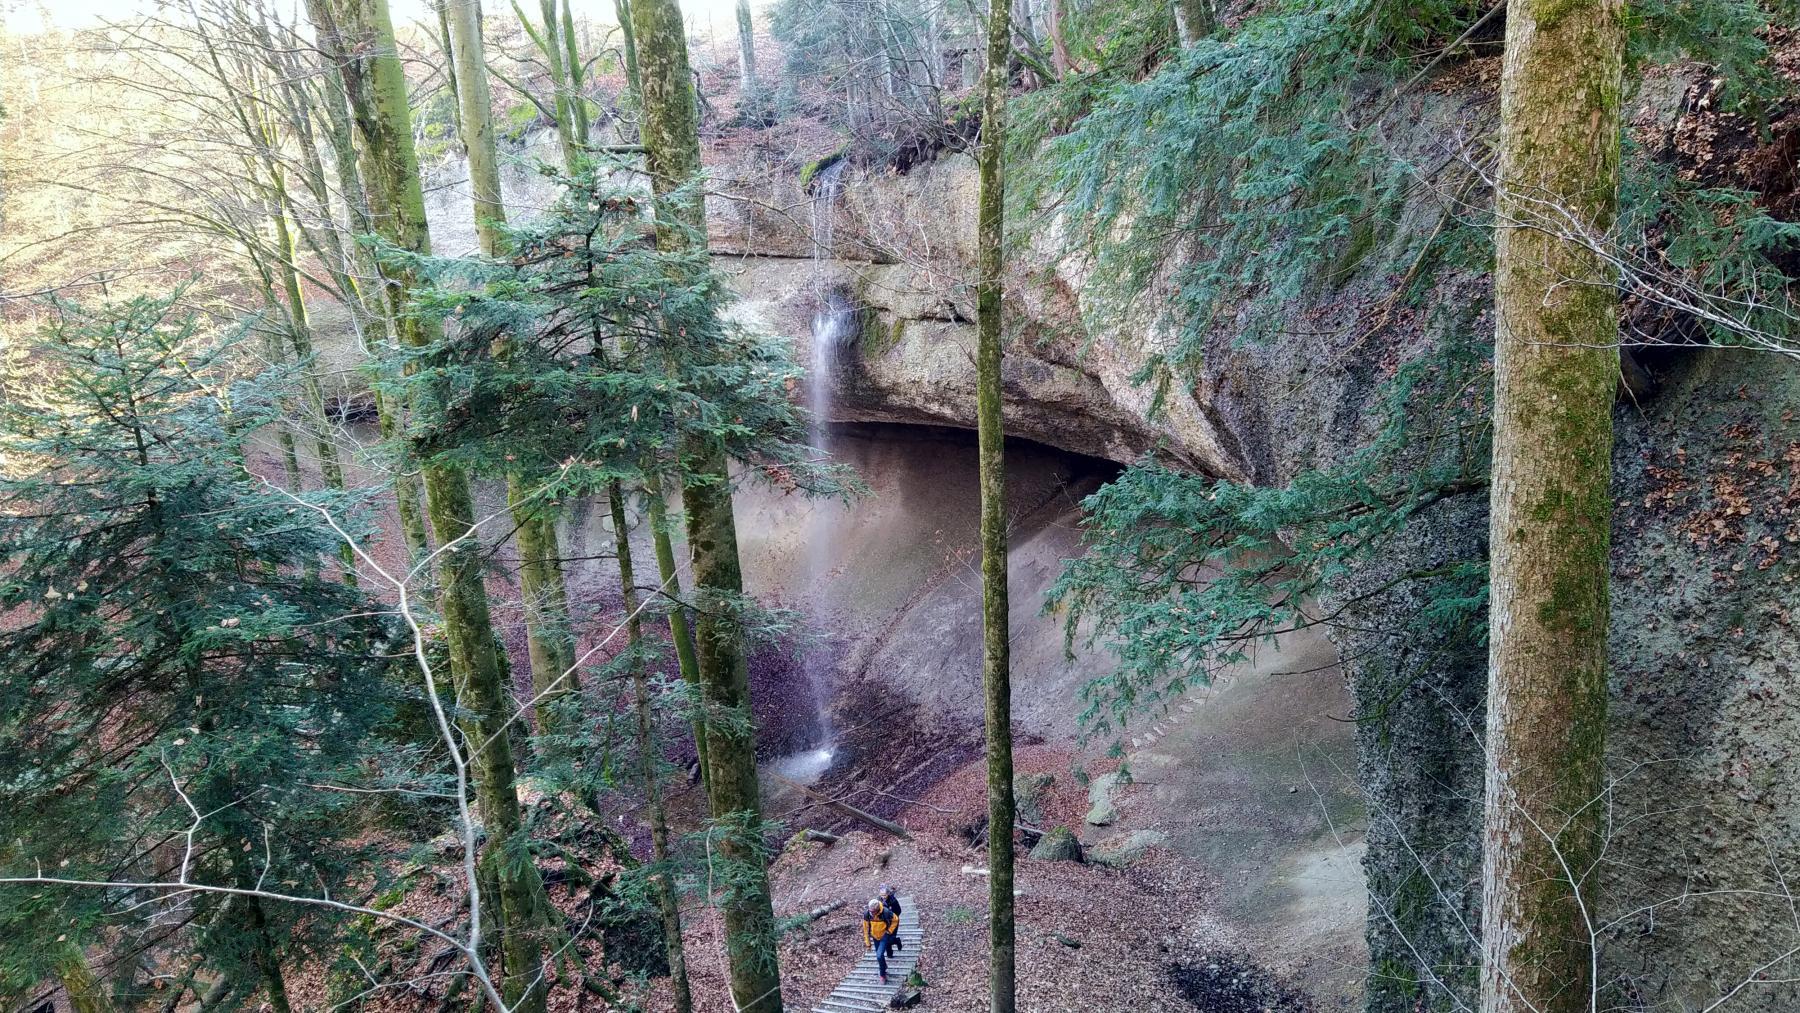 21b Wissengubel Wasserfall